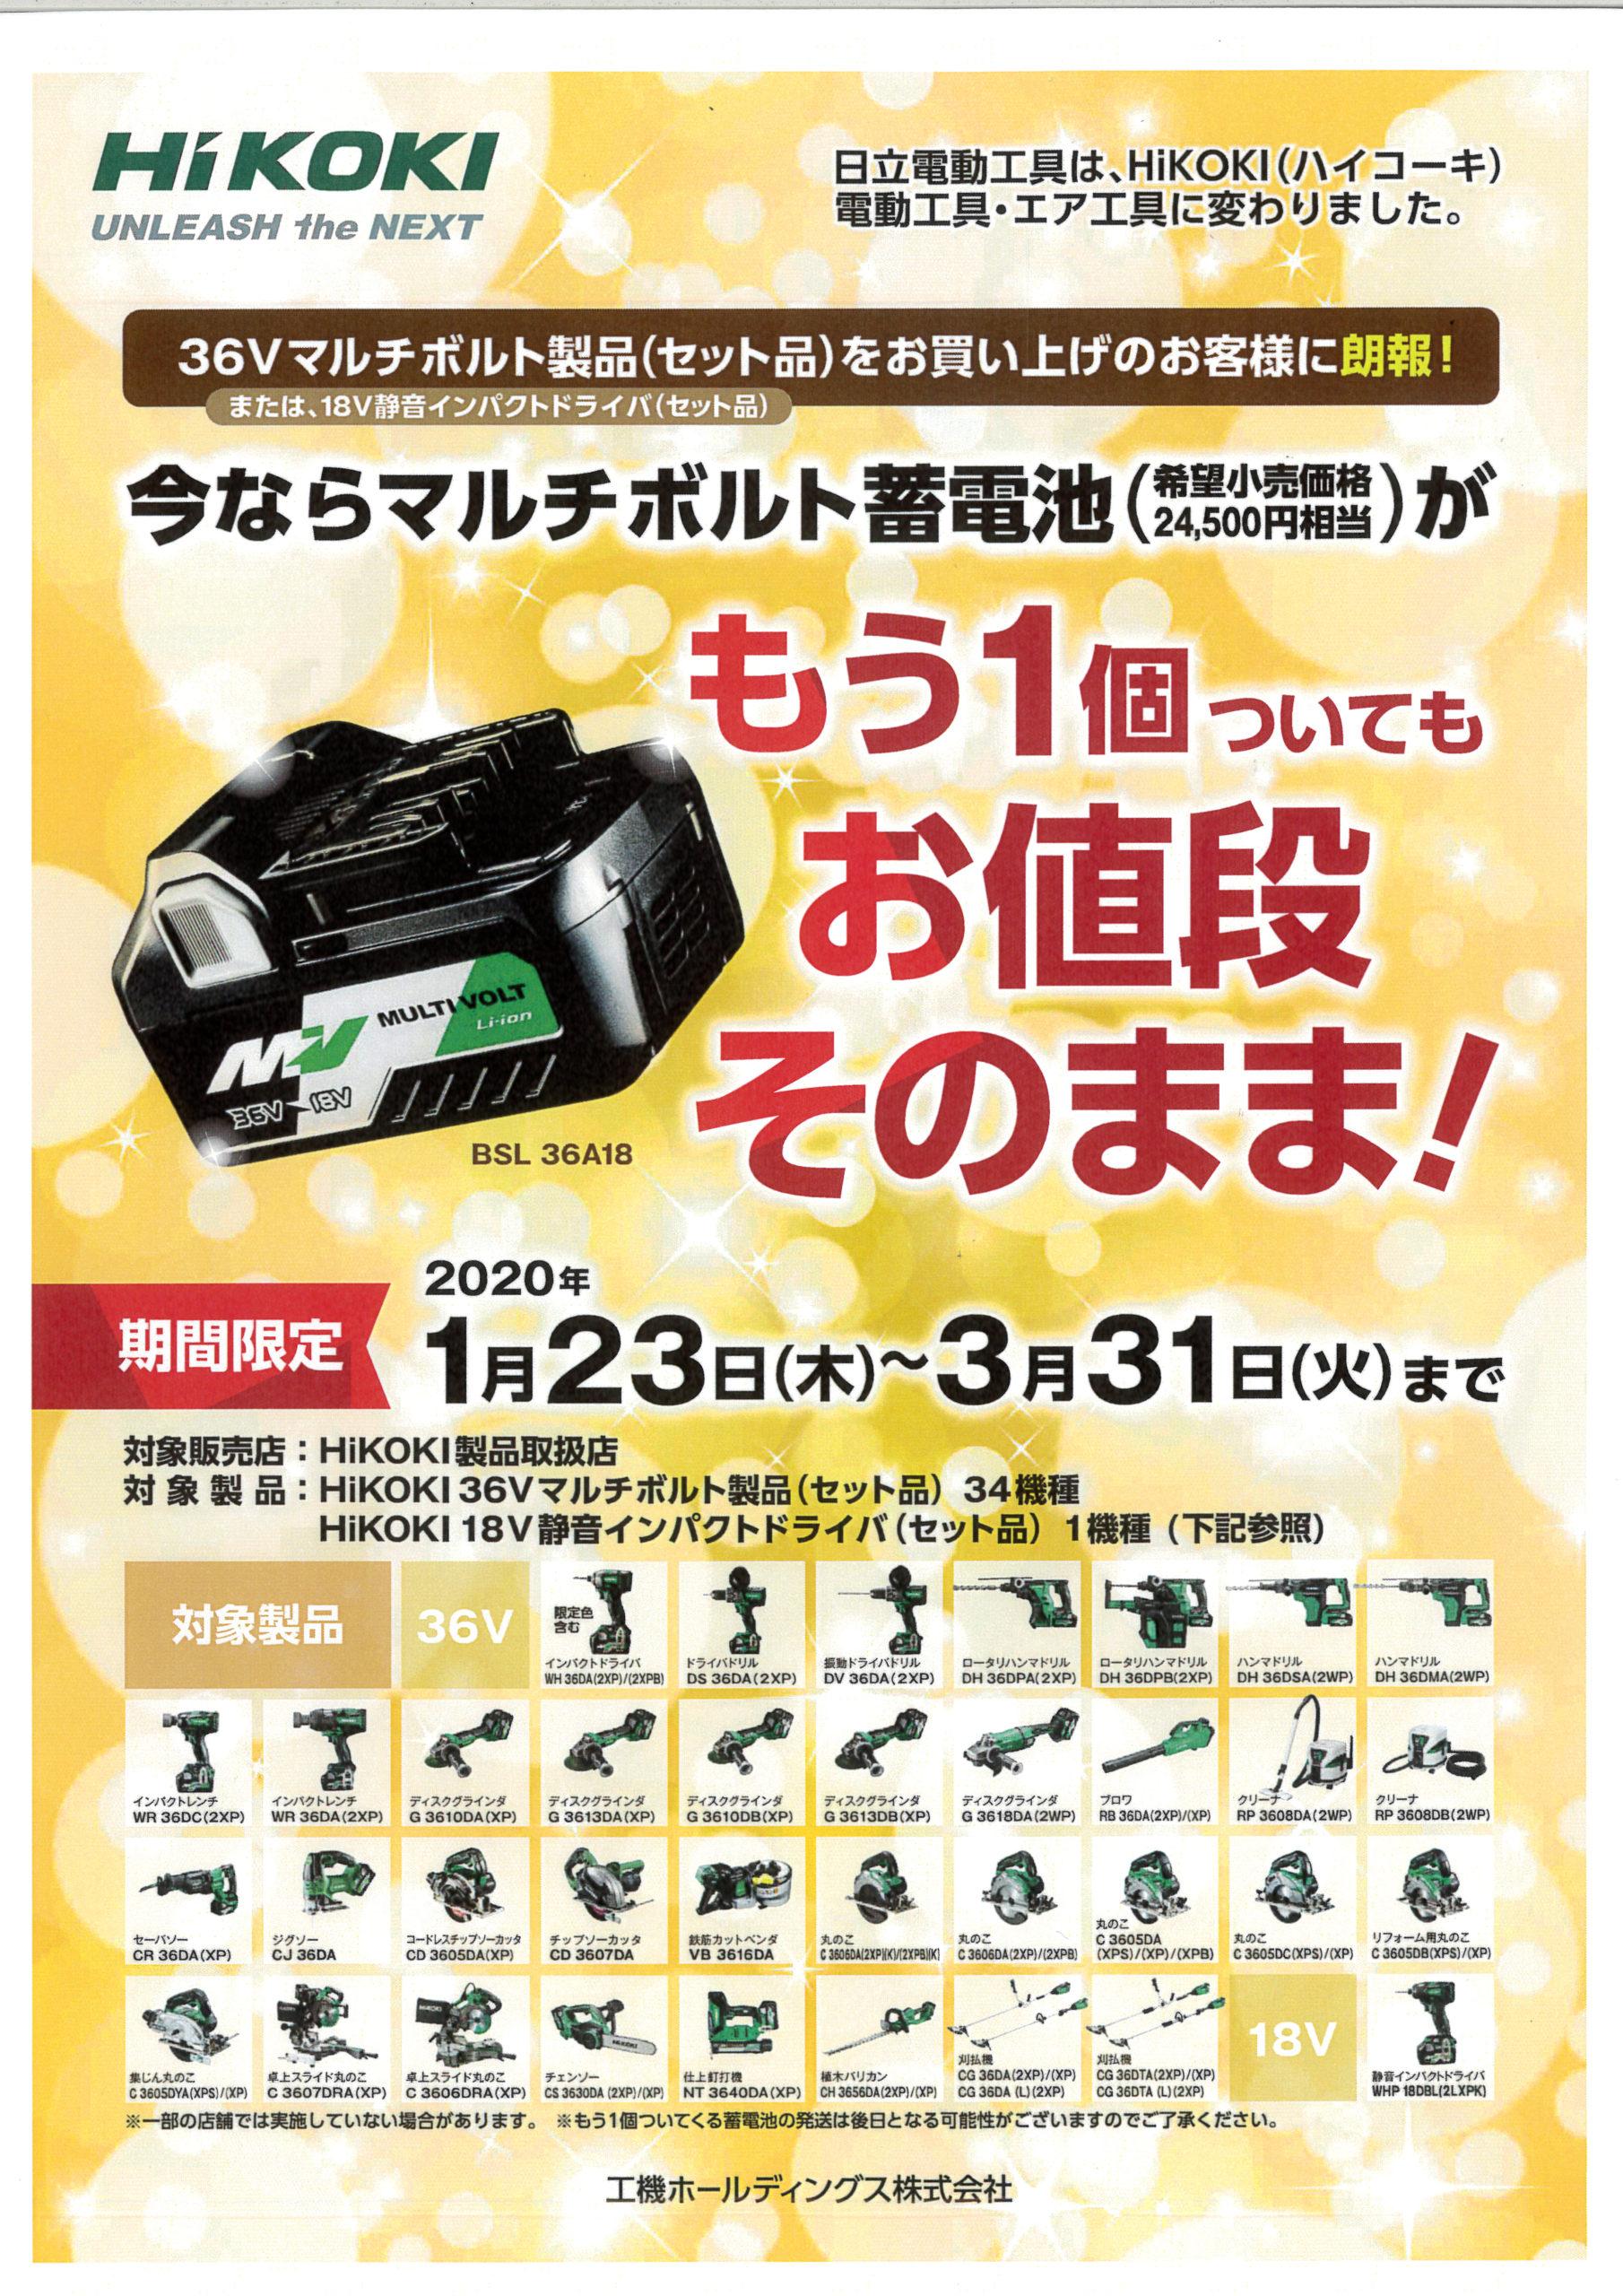 MV【マルチボルト】製品キャンペーンのお知らせ 工機販売